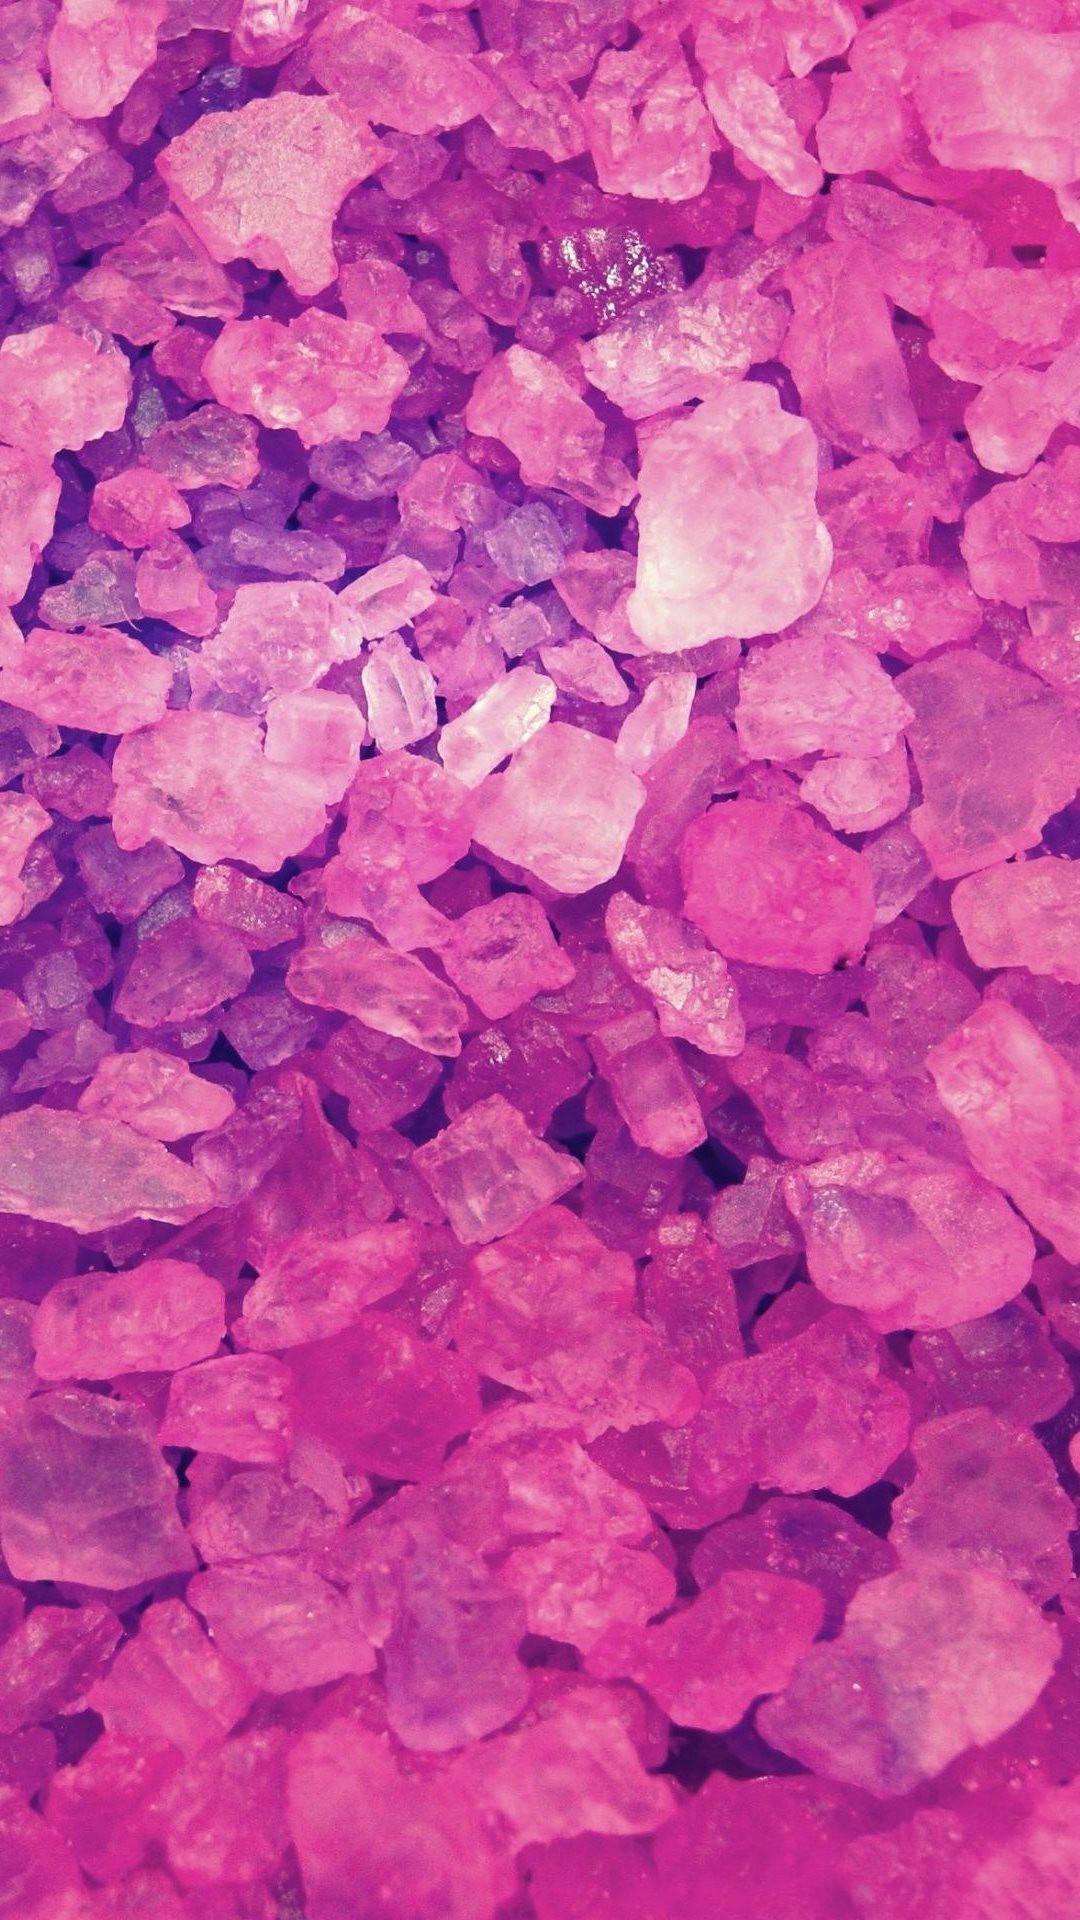 Pink Shiny Diamond Stone Pattern #wallpaper